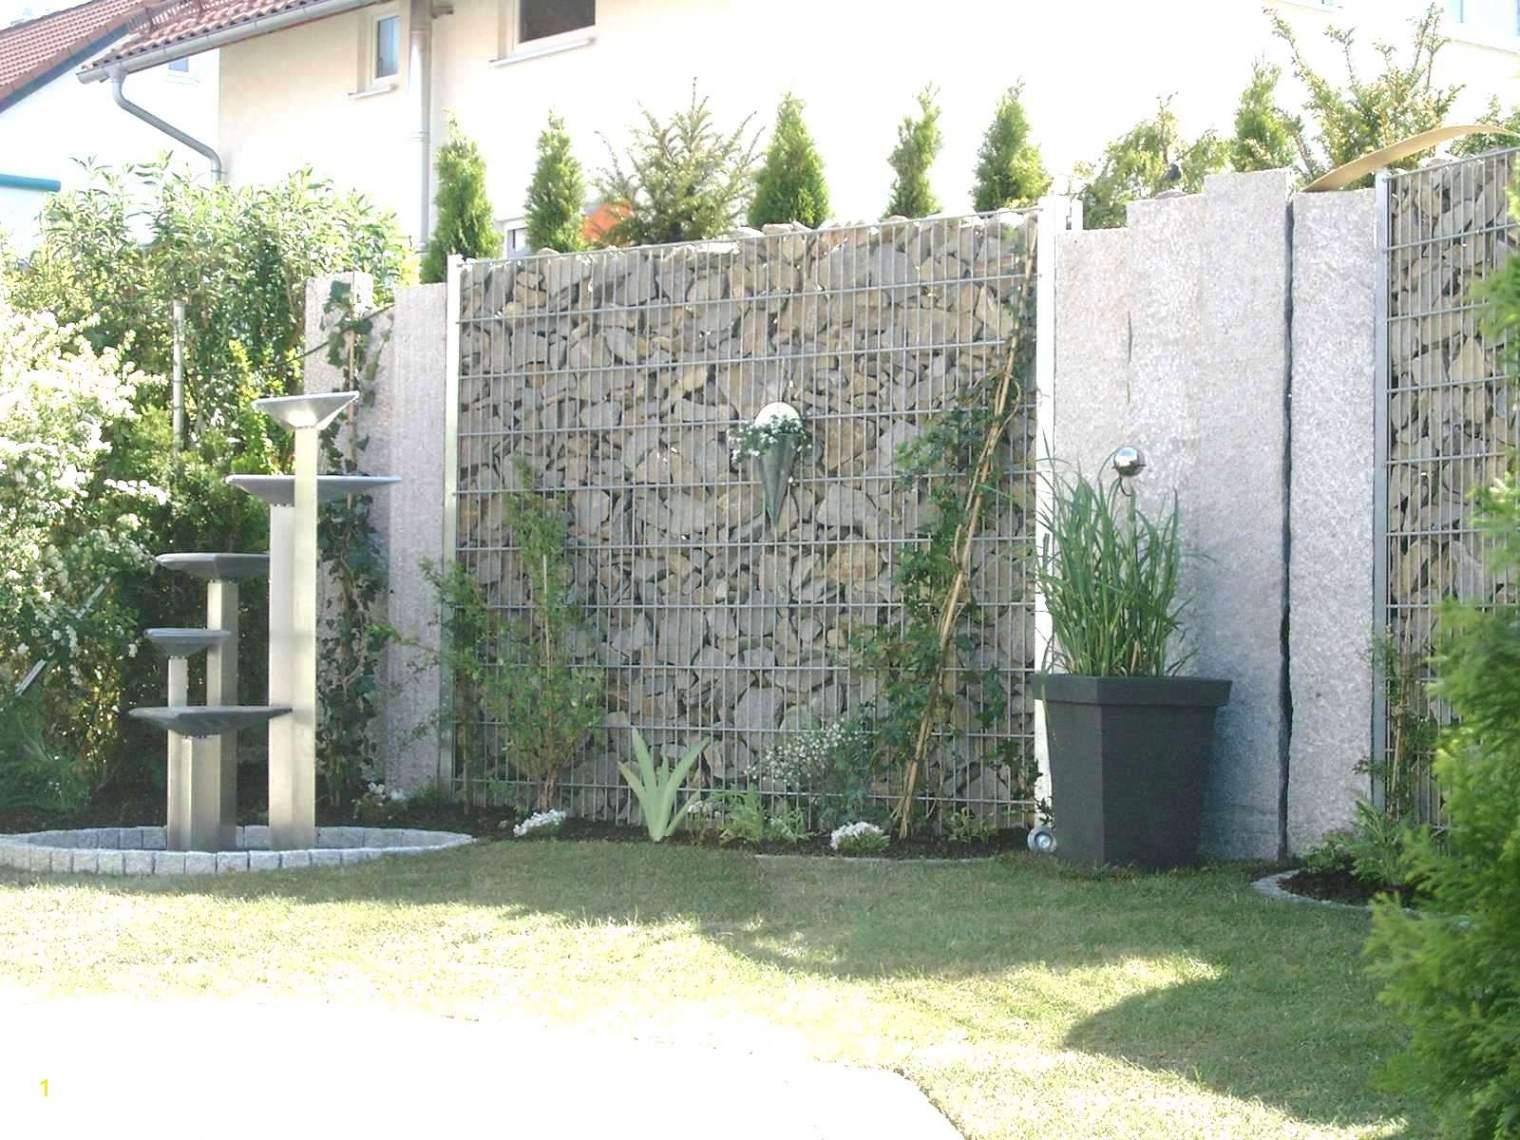 sichtschutz aus pflanzen neu inspirierend terrasse sichtschutz pflanzen als sichtschutz balkon pflanzen als sichtschutz balkon